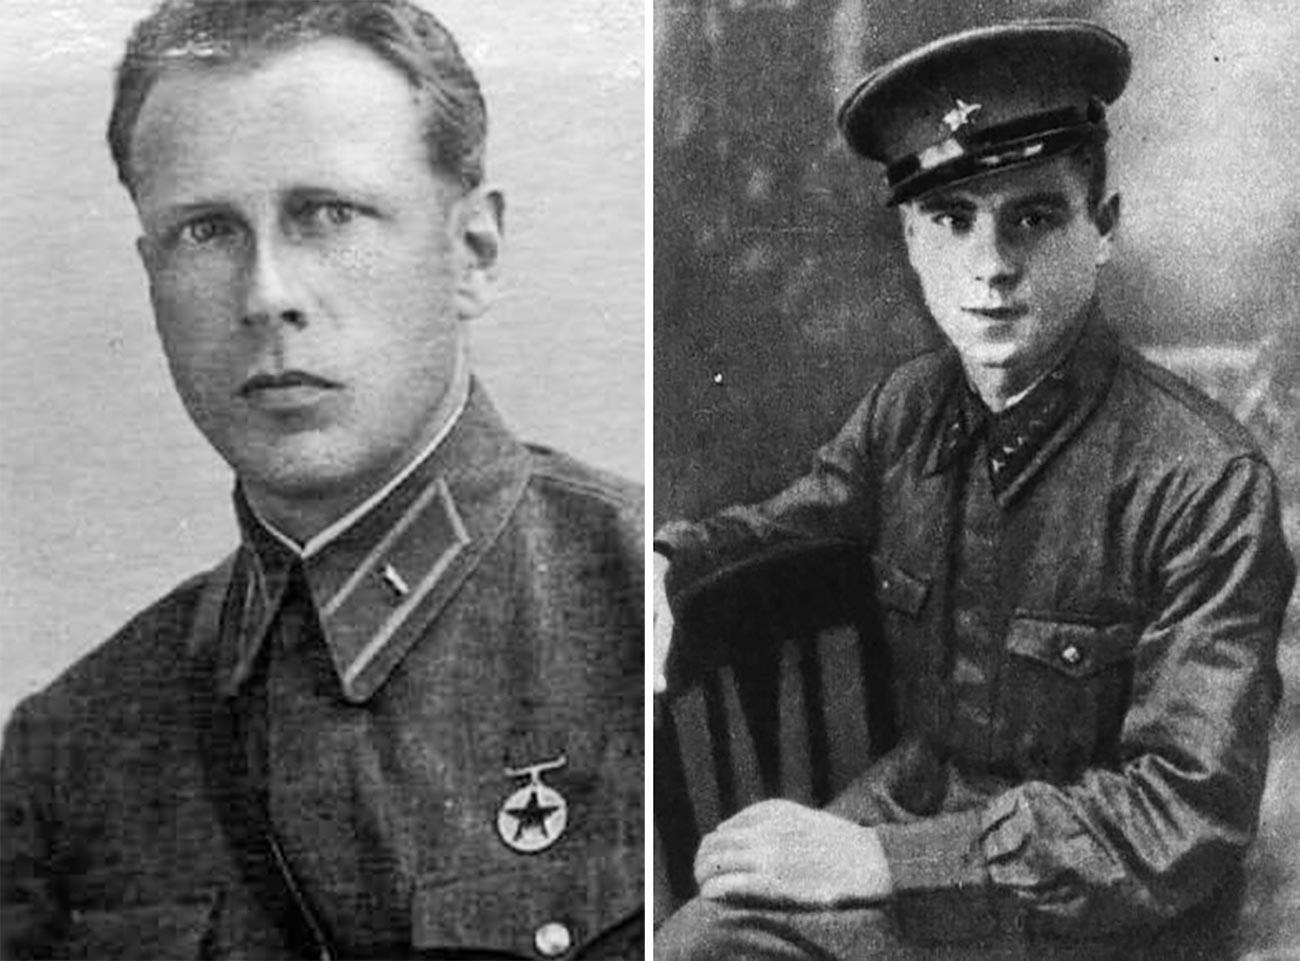 Браниоци Брестске тврђаве, лево Александар Емиљевич Дулкејт, а десно Вјачеслав Едуардович Мејер.